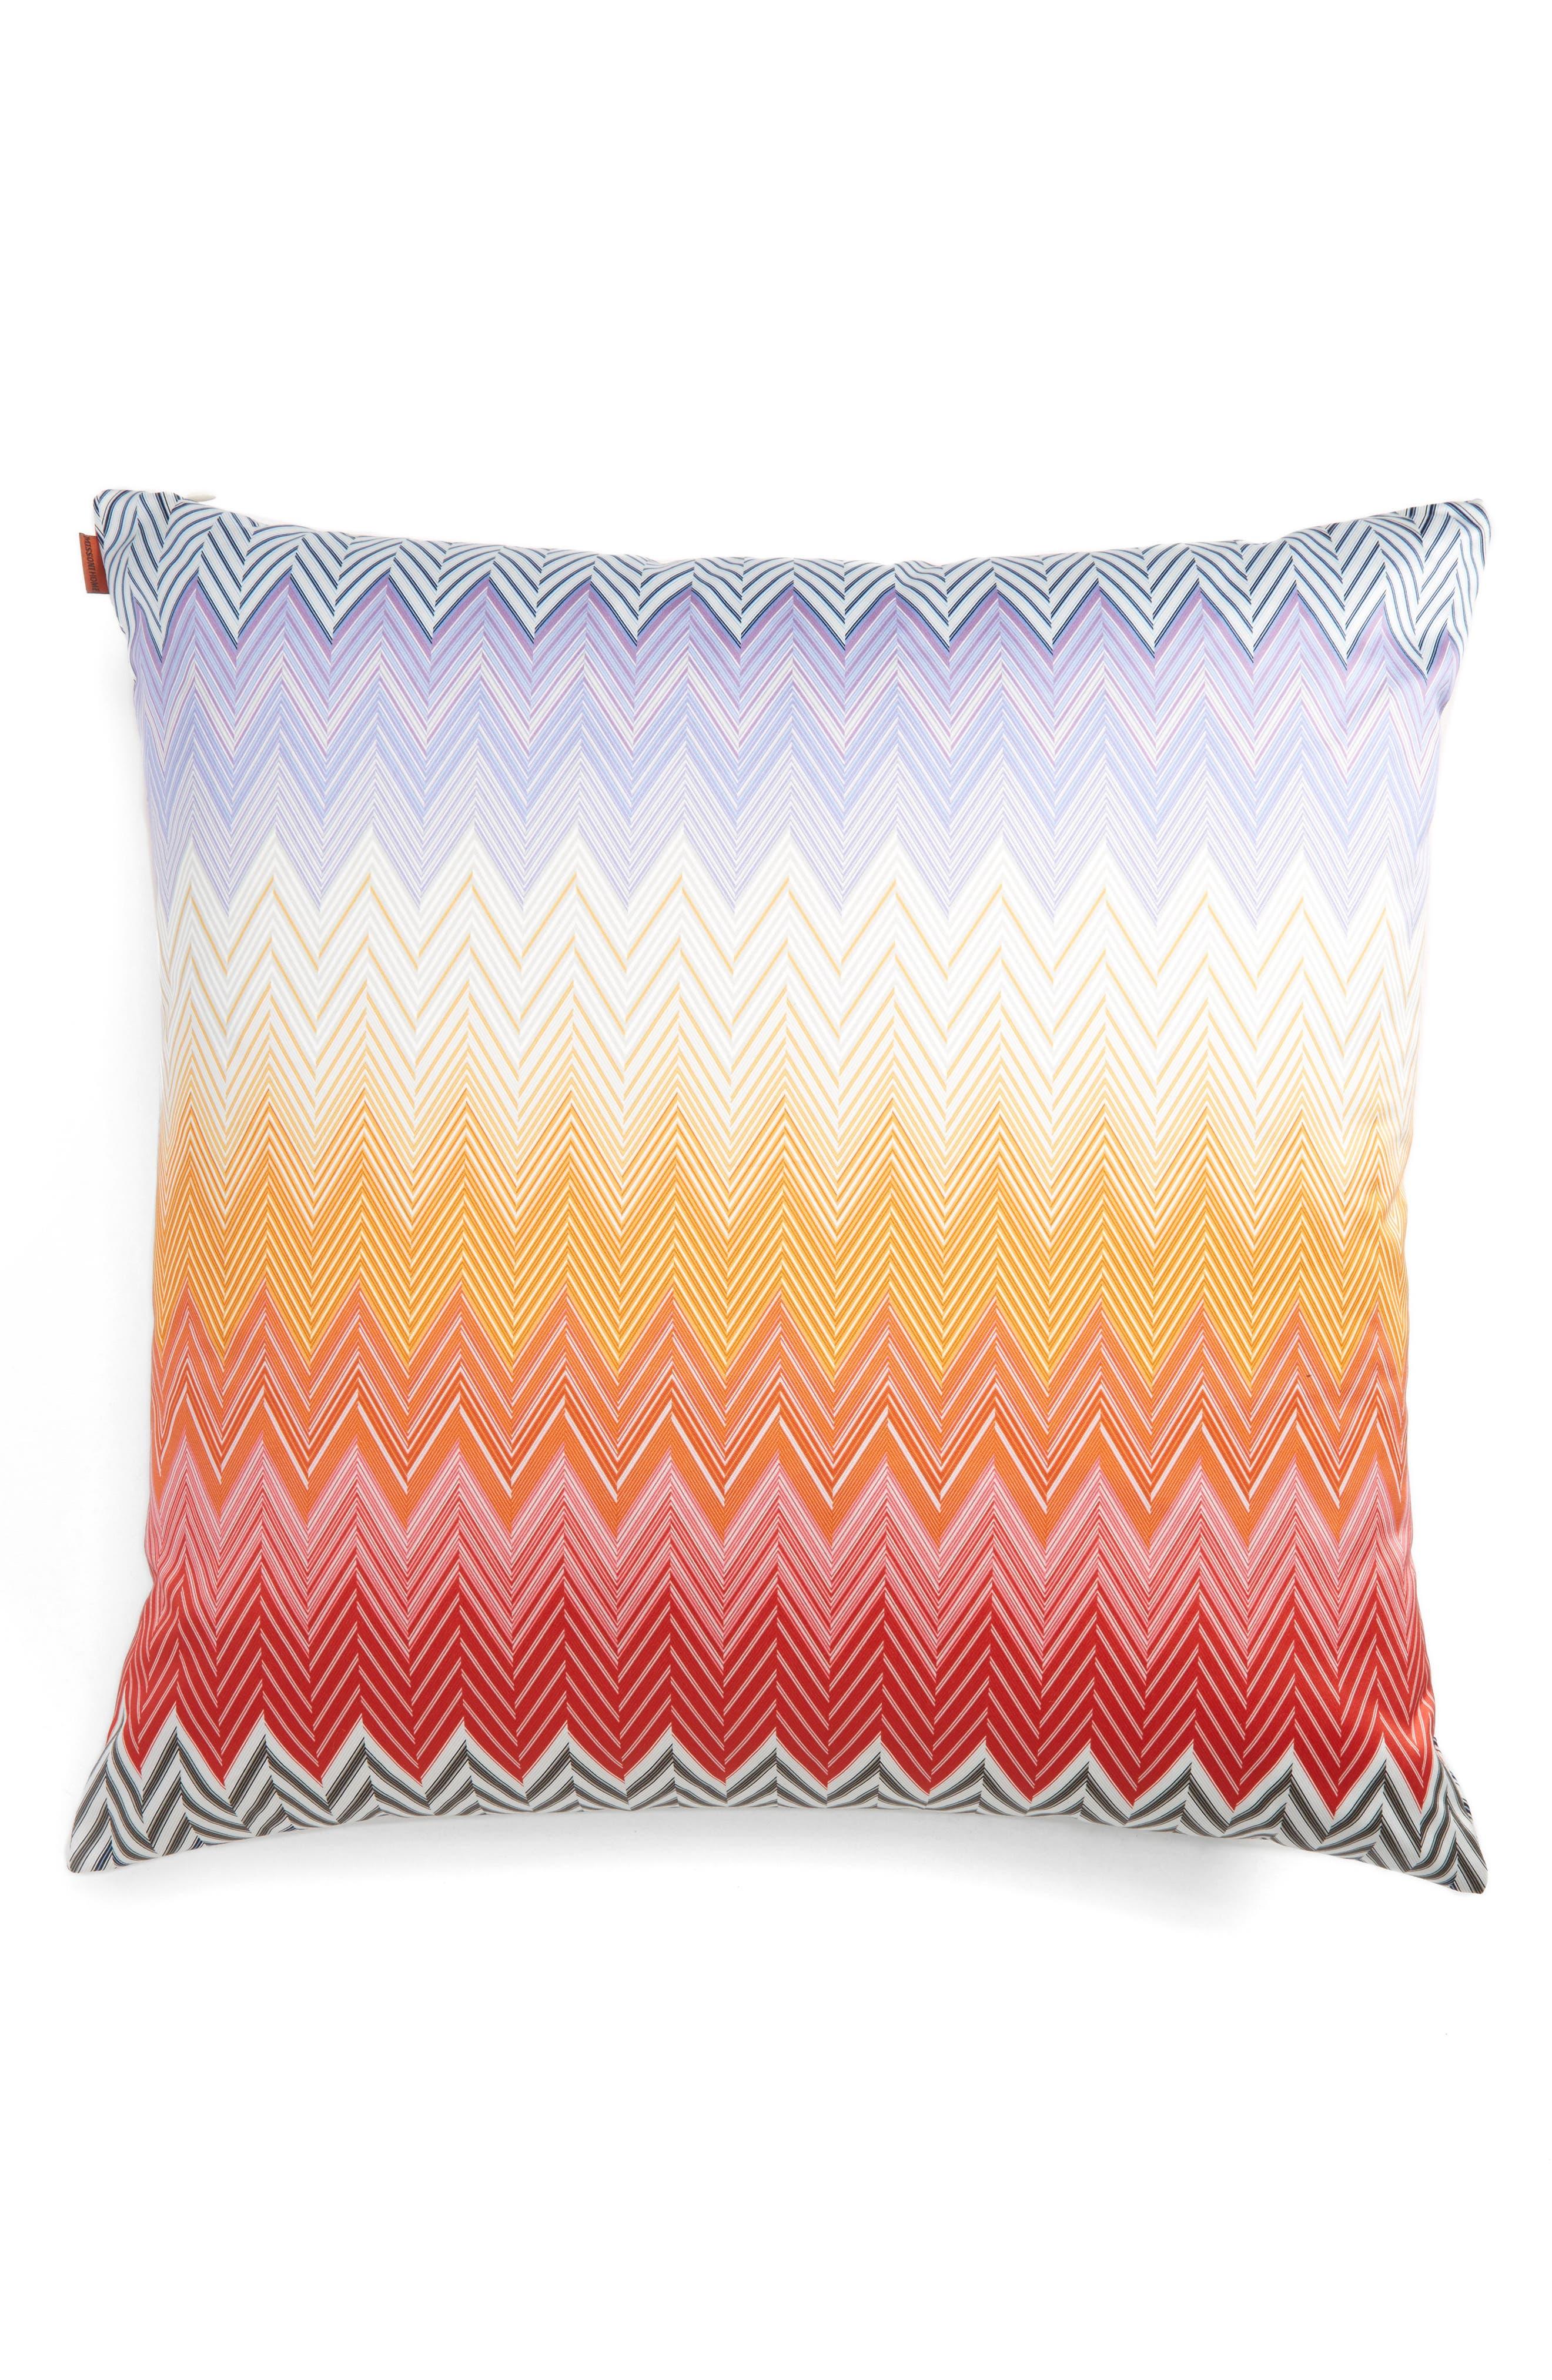 Missoni Sabaudia Accent Pillow